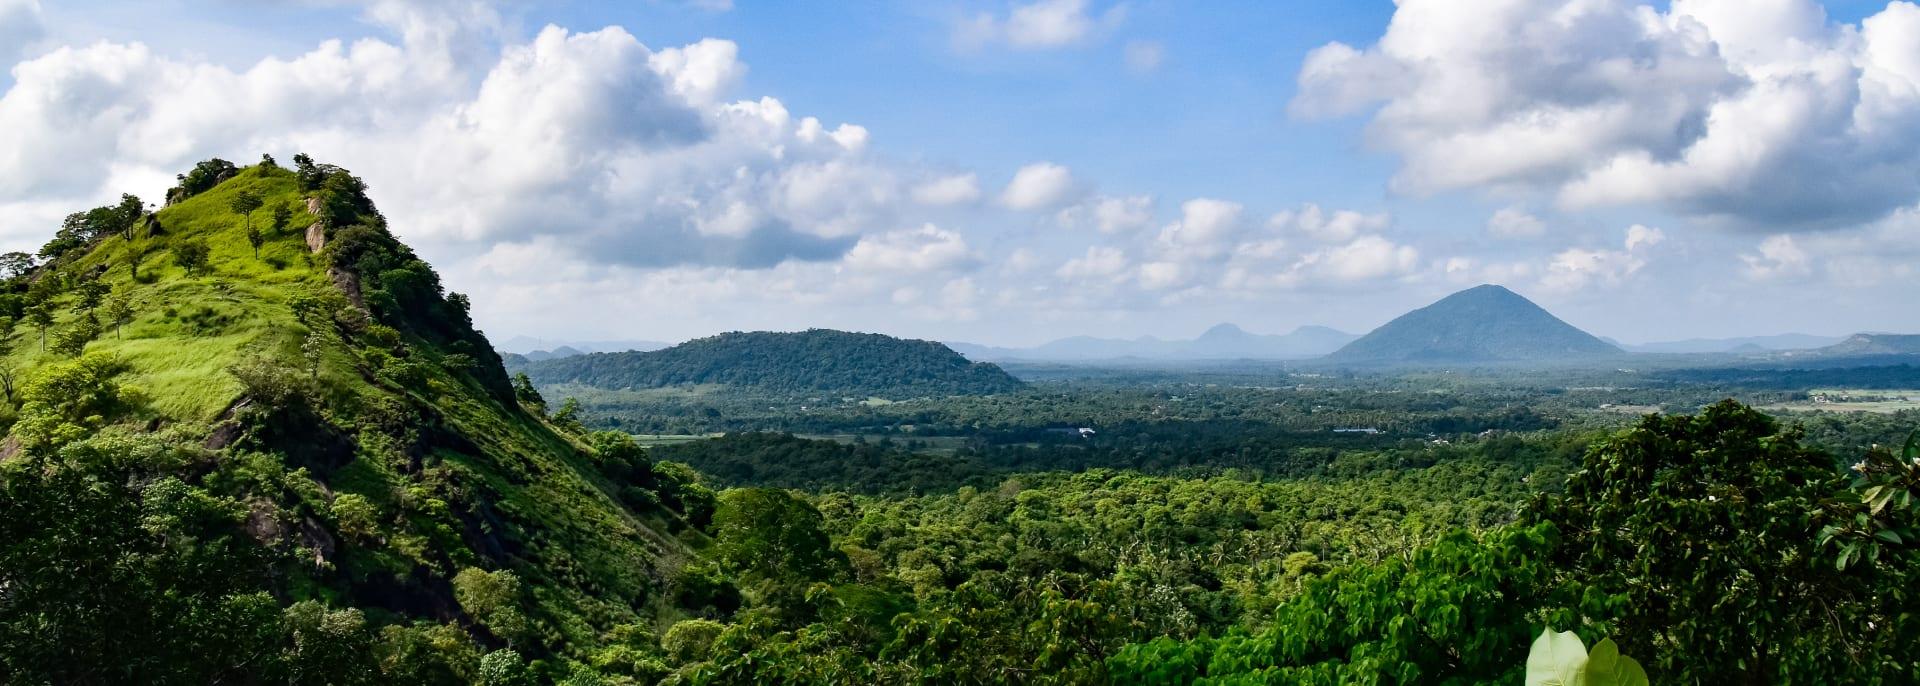 View, Sri Lanka